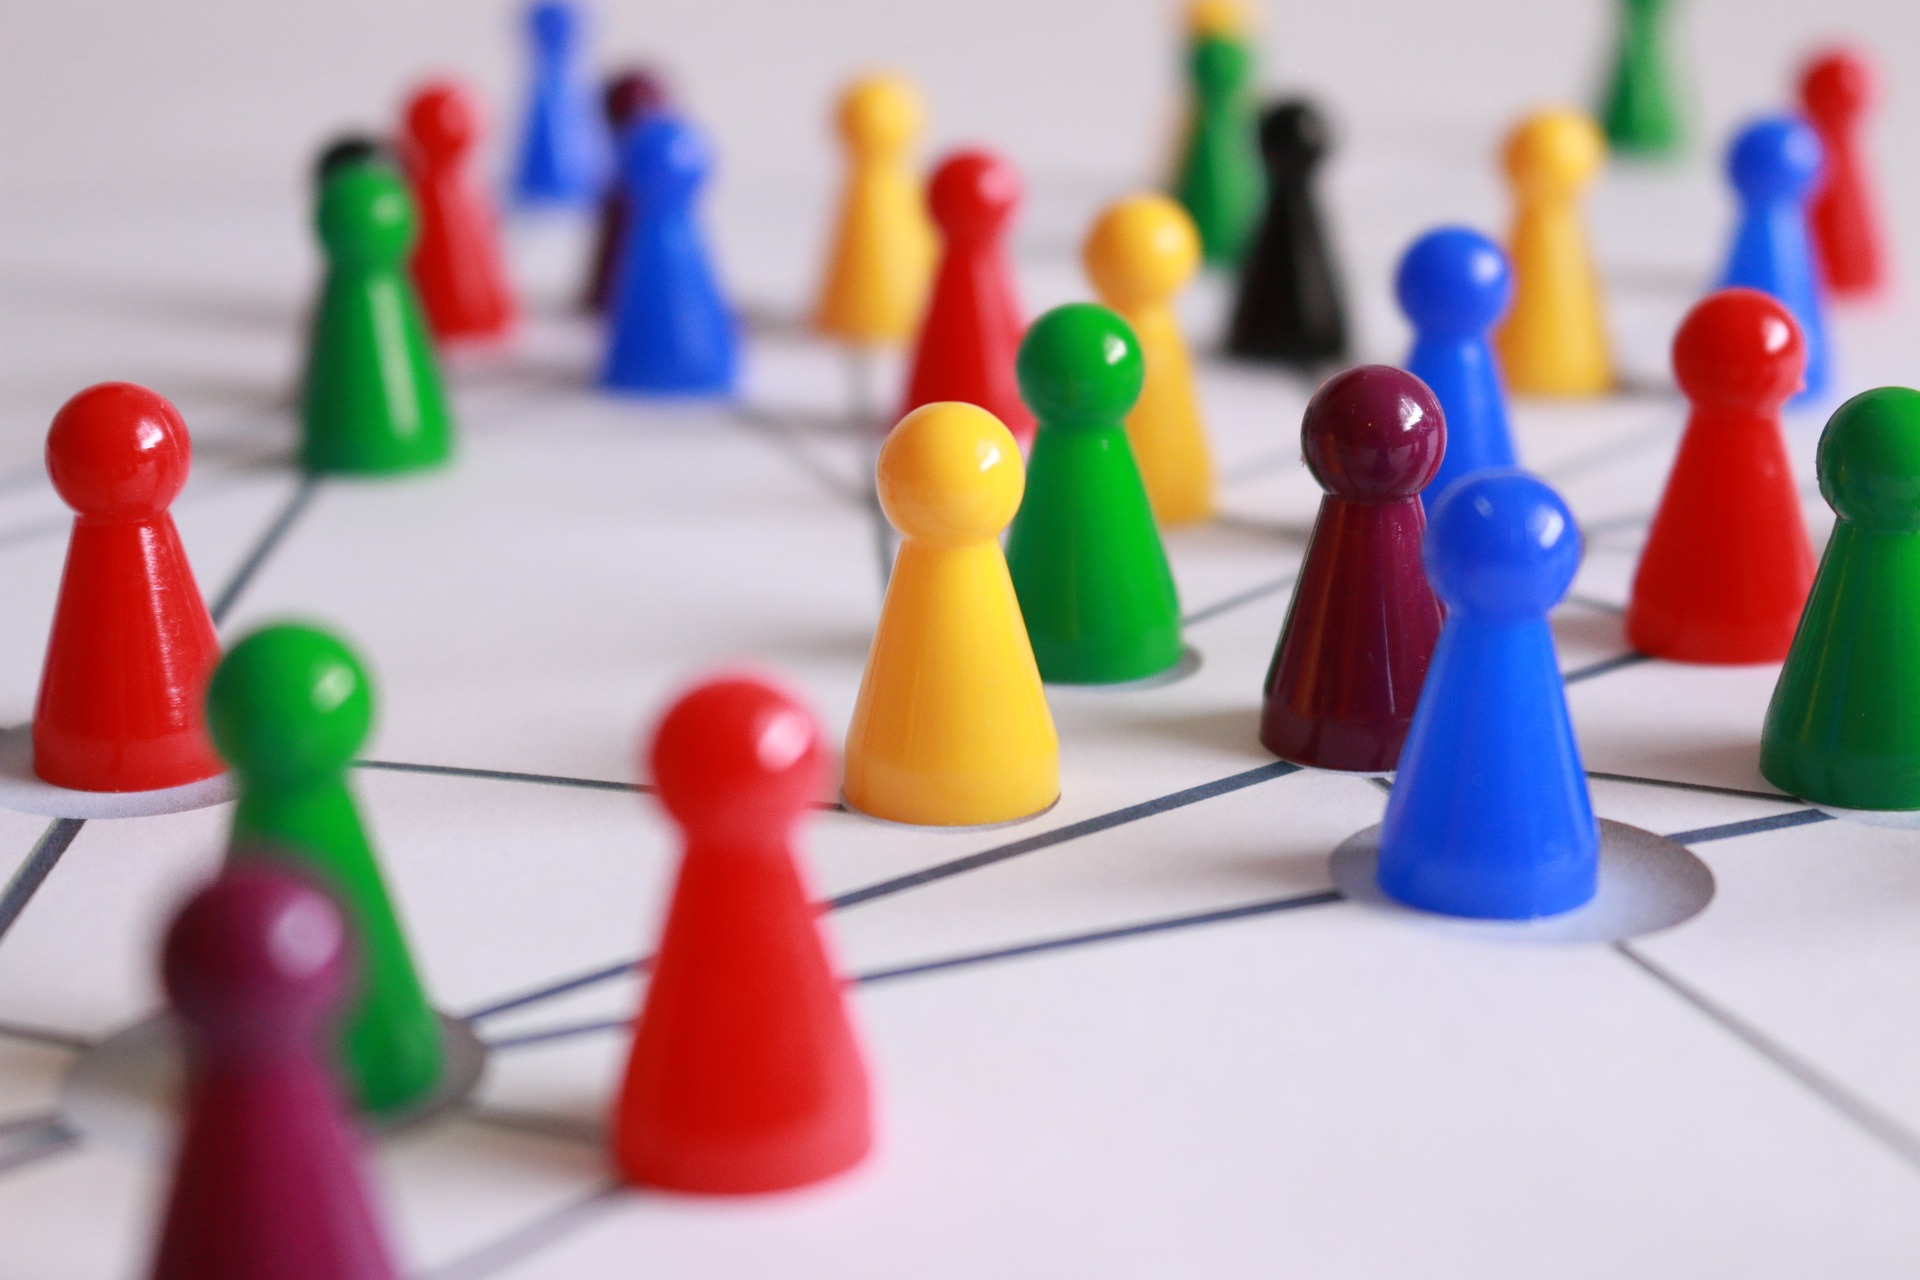 Spielfiguren auf einem gezeichneten Netzwerk symbolisieren Gruppenbeziehungen